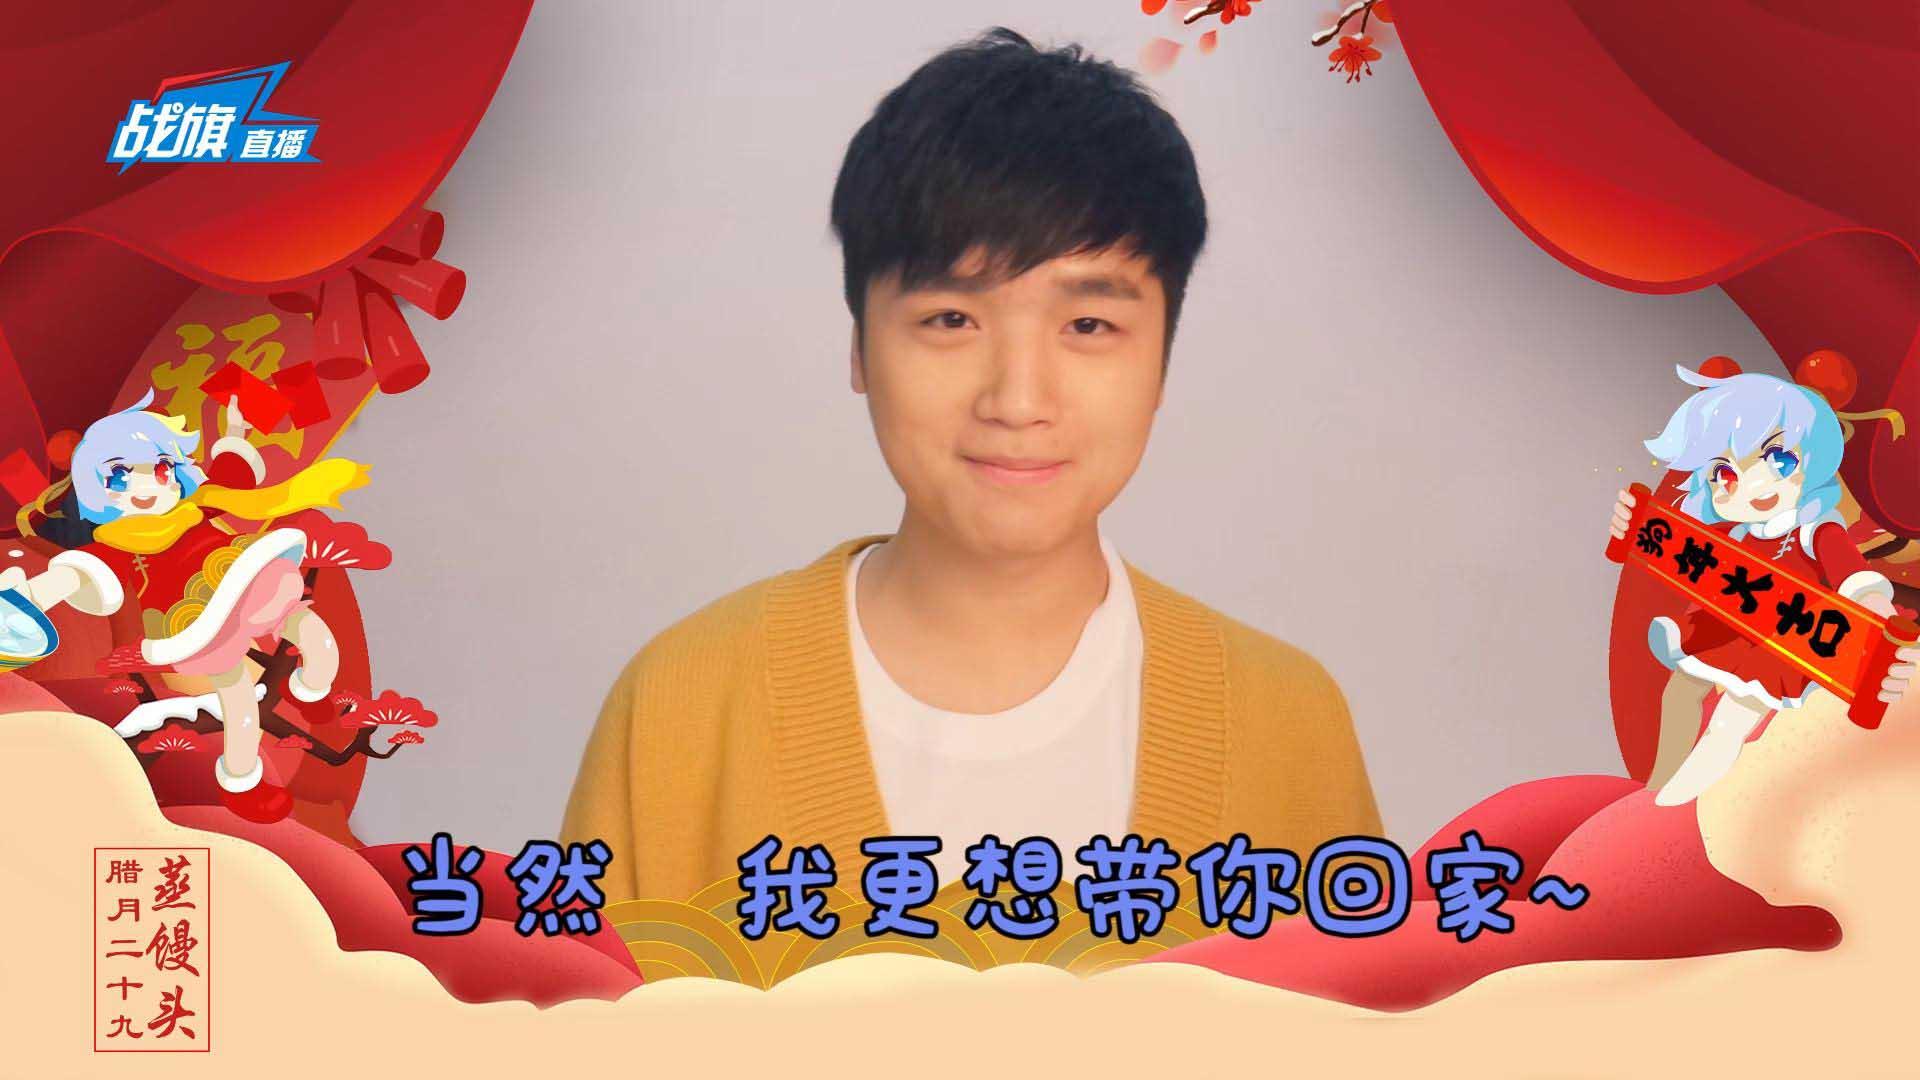 (14号备量)微笑大王贺岁,腊月二十九我想带你回家!